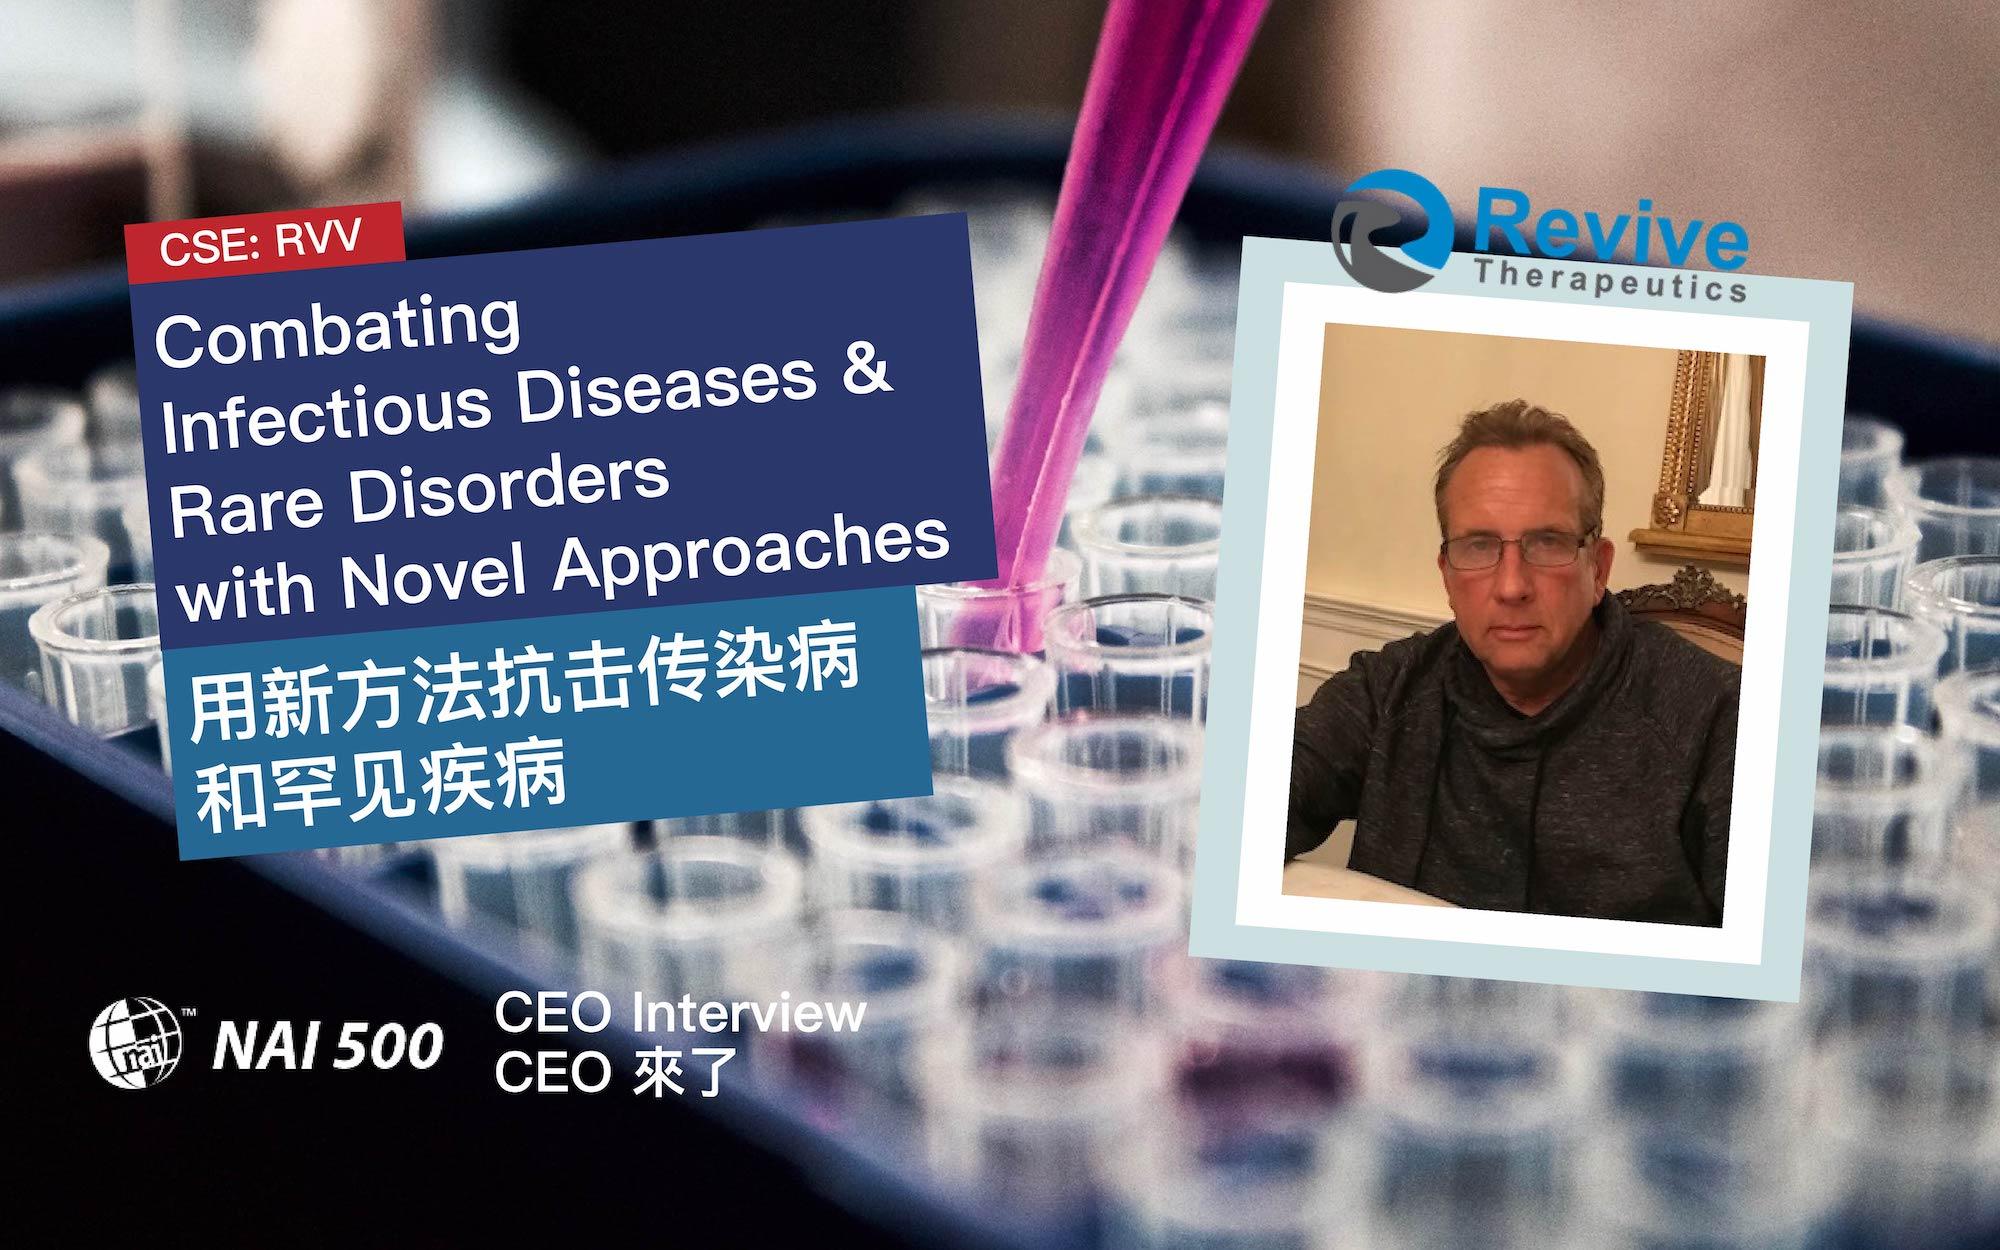 Revive Therapeutics (CSE:RVV)